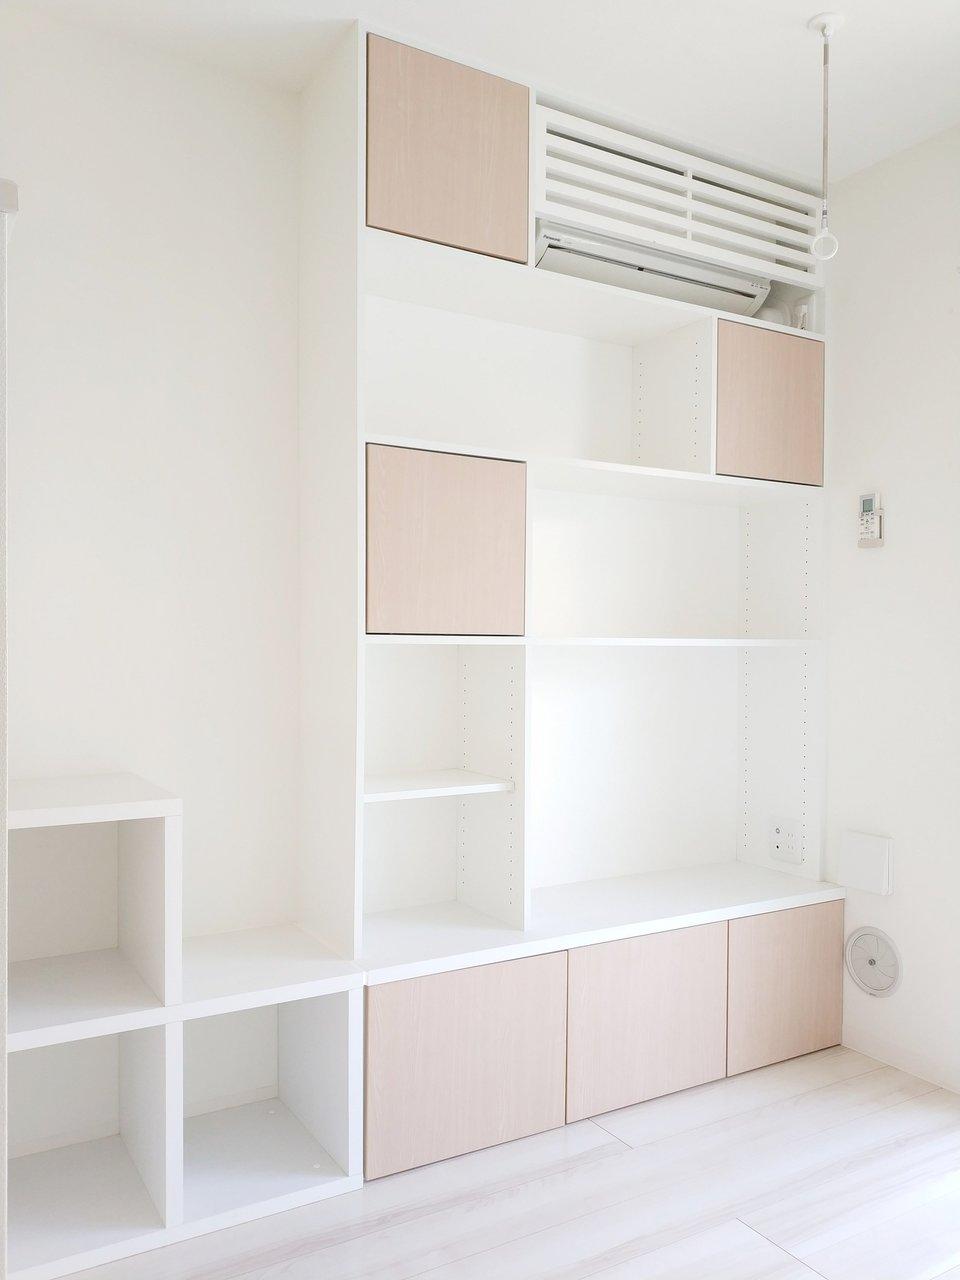 ロフトへの階段も兼ねているボックス収納。デザインも可愛いですよね。